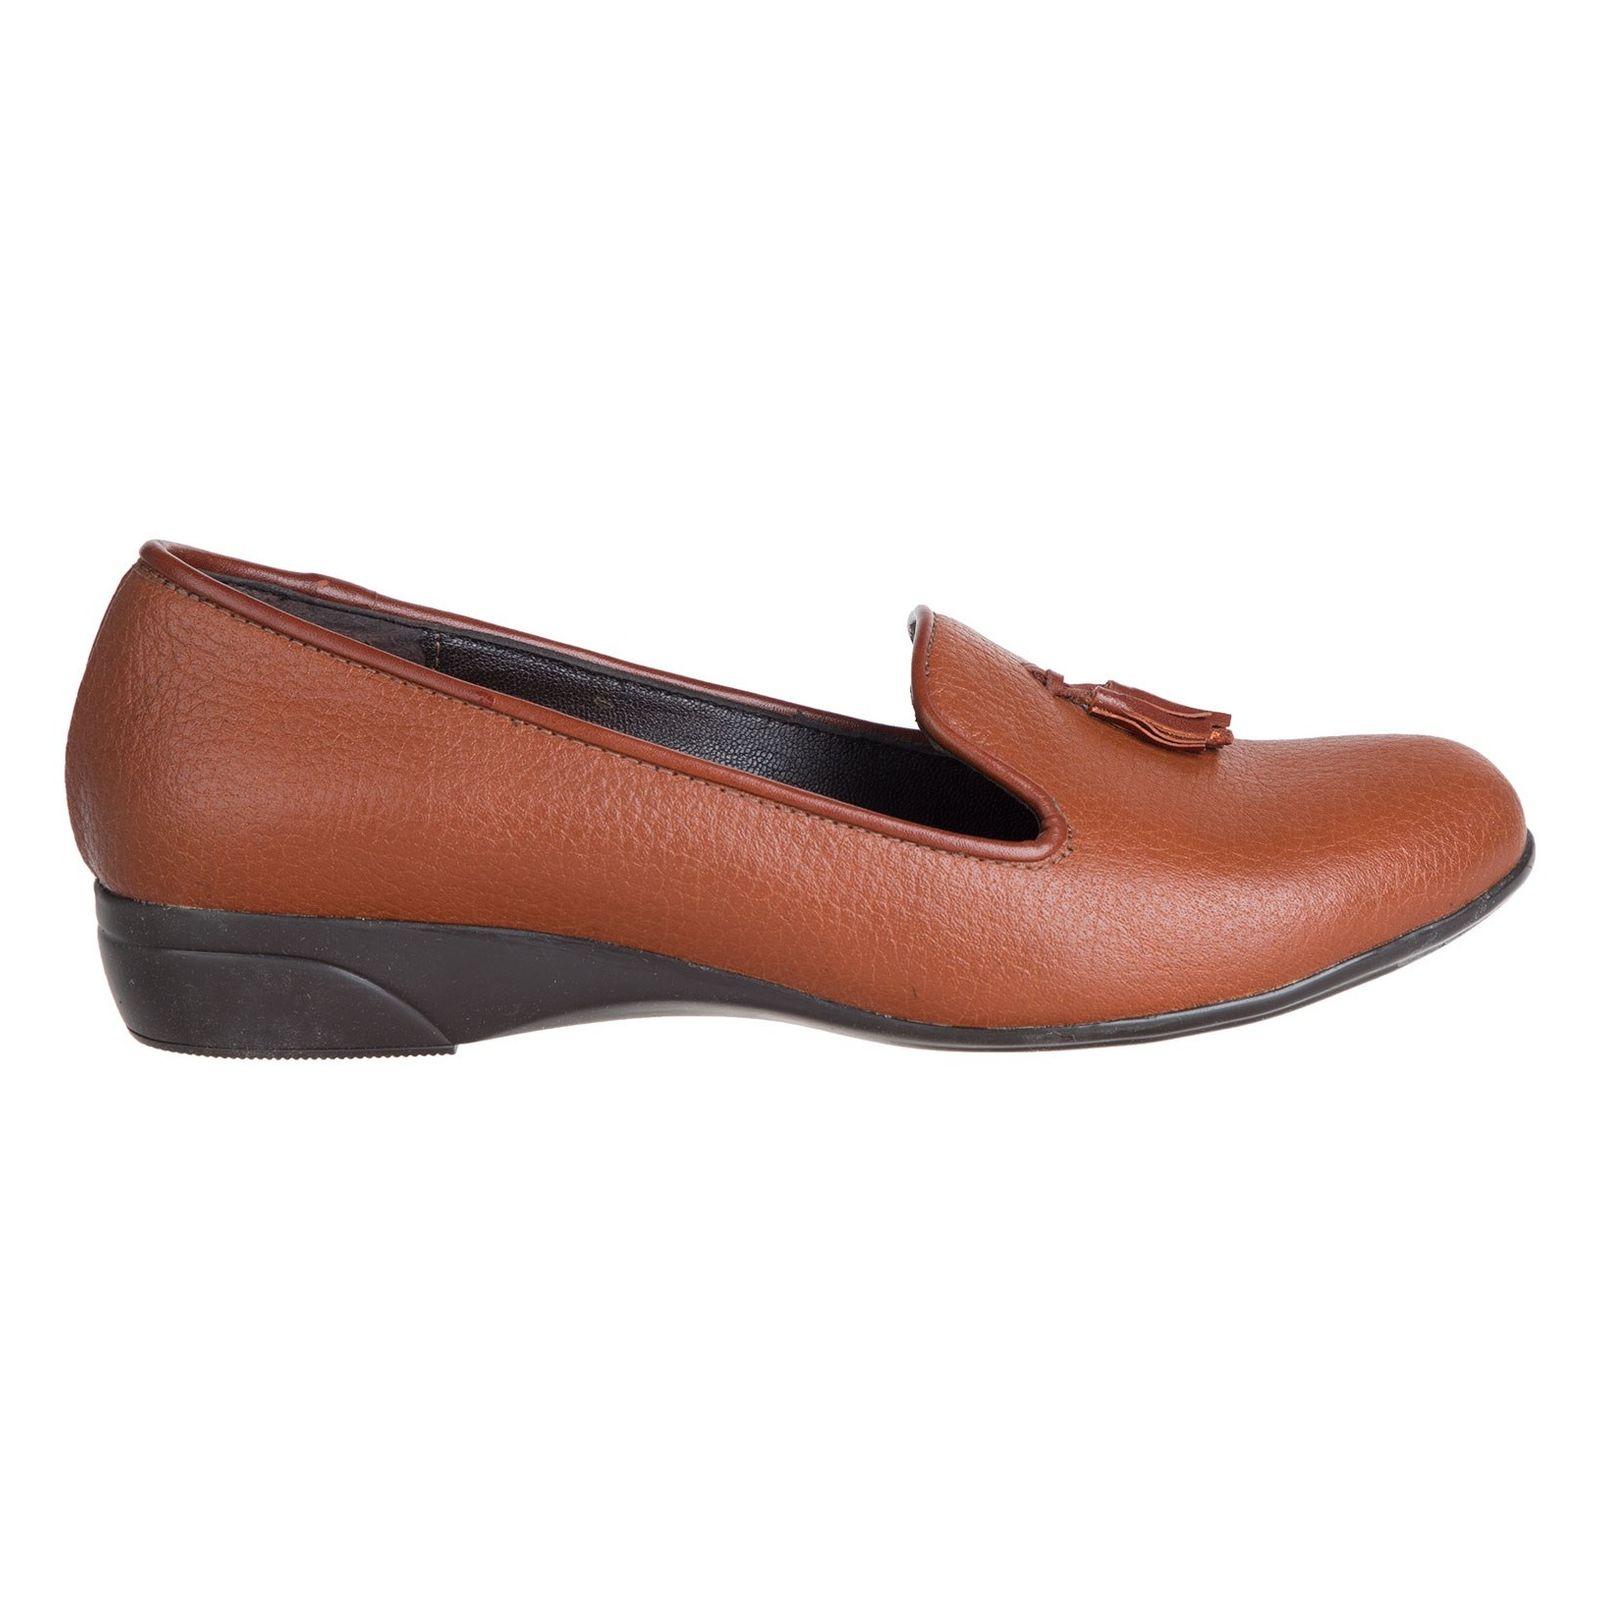 کفش تخت چرم زنانه - شیفر - عسلی - 1